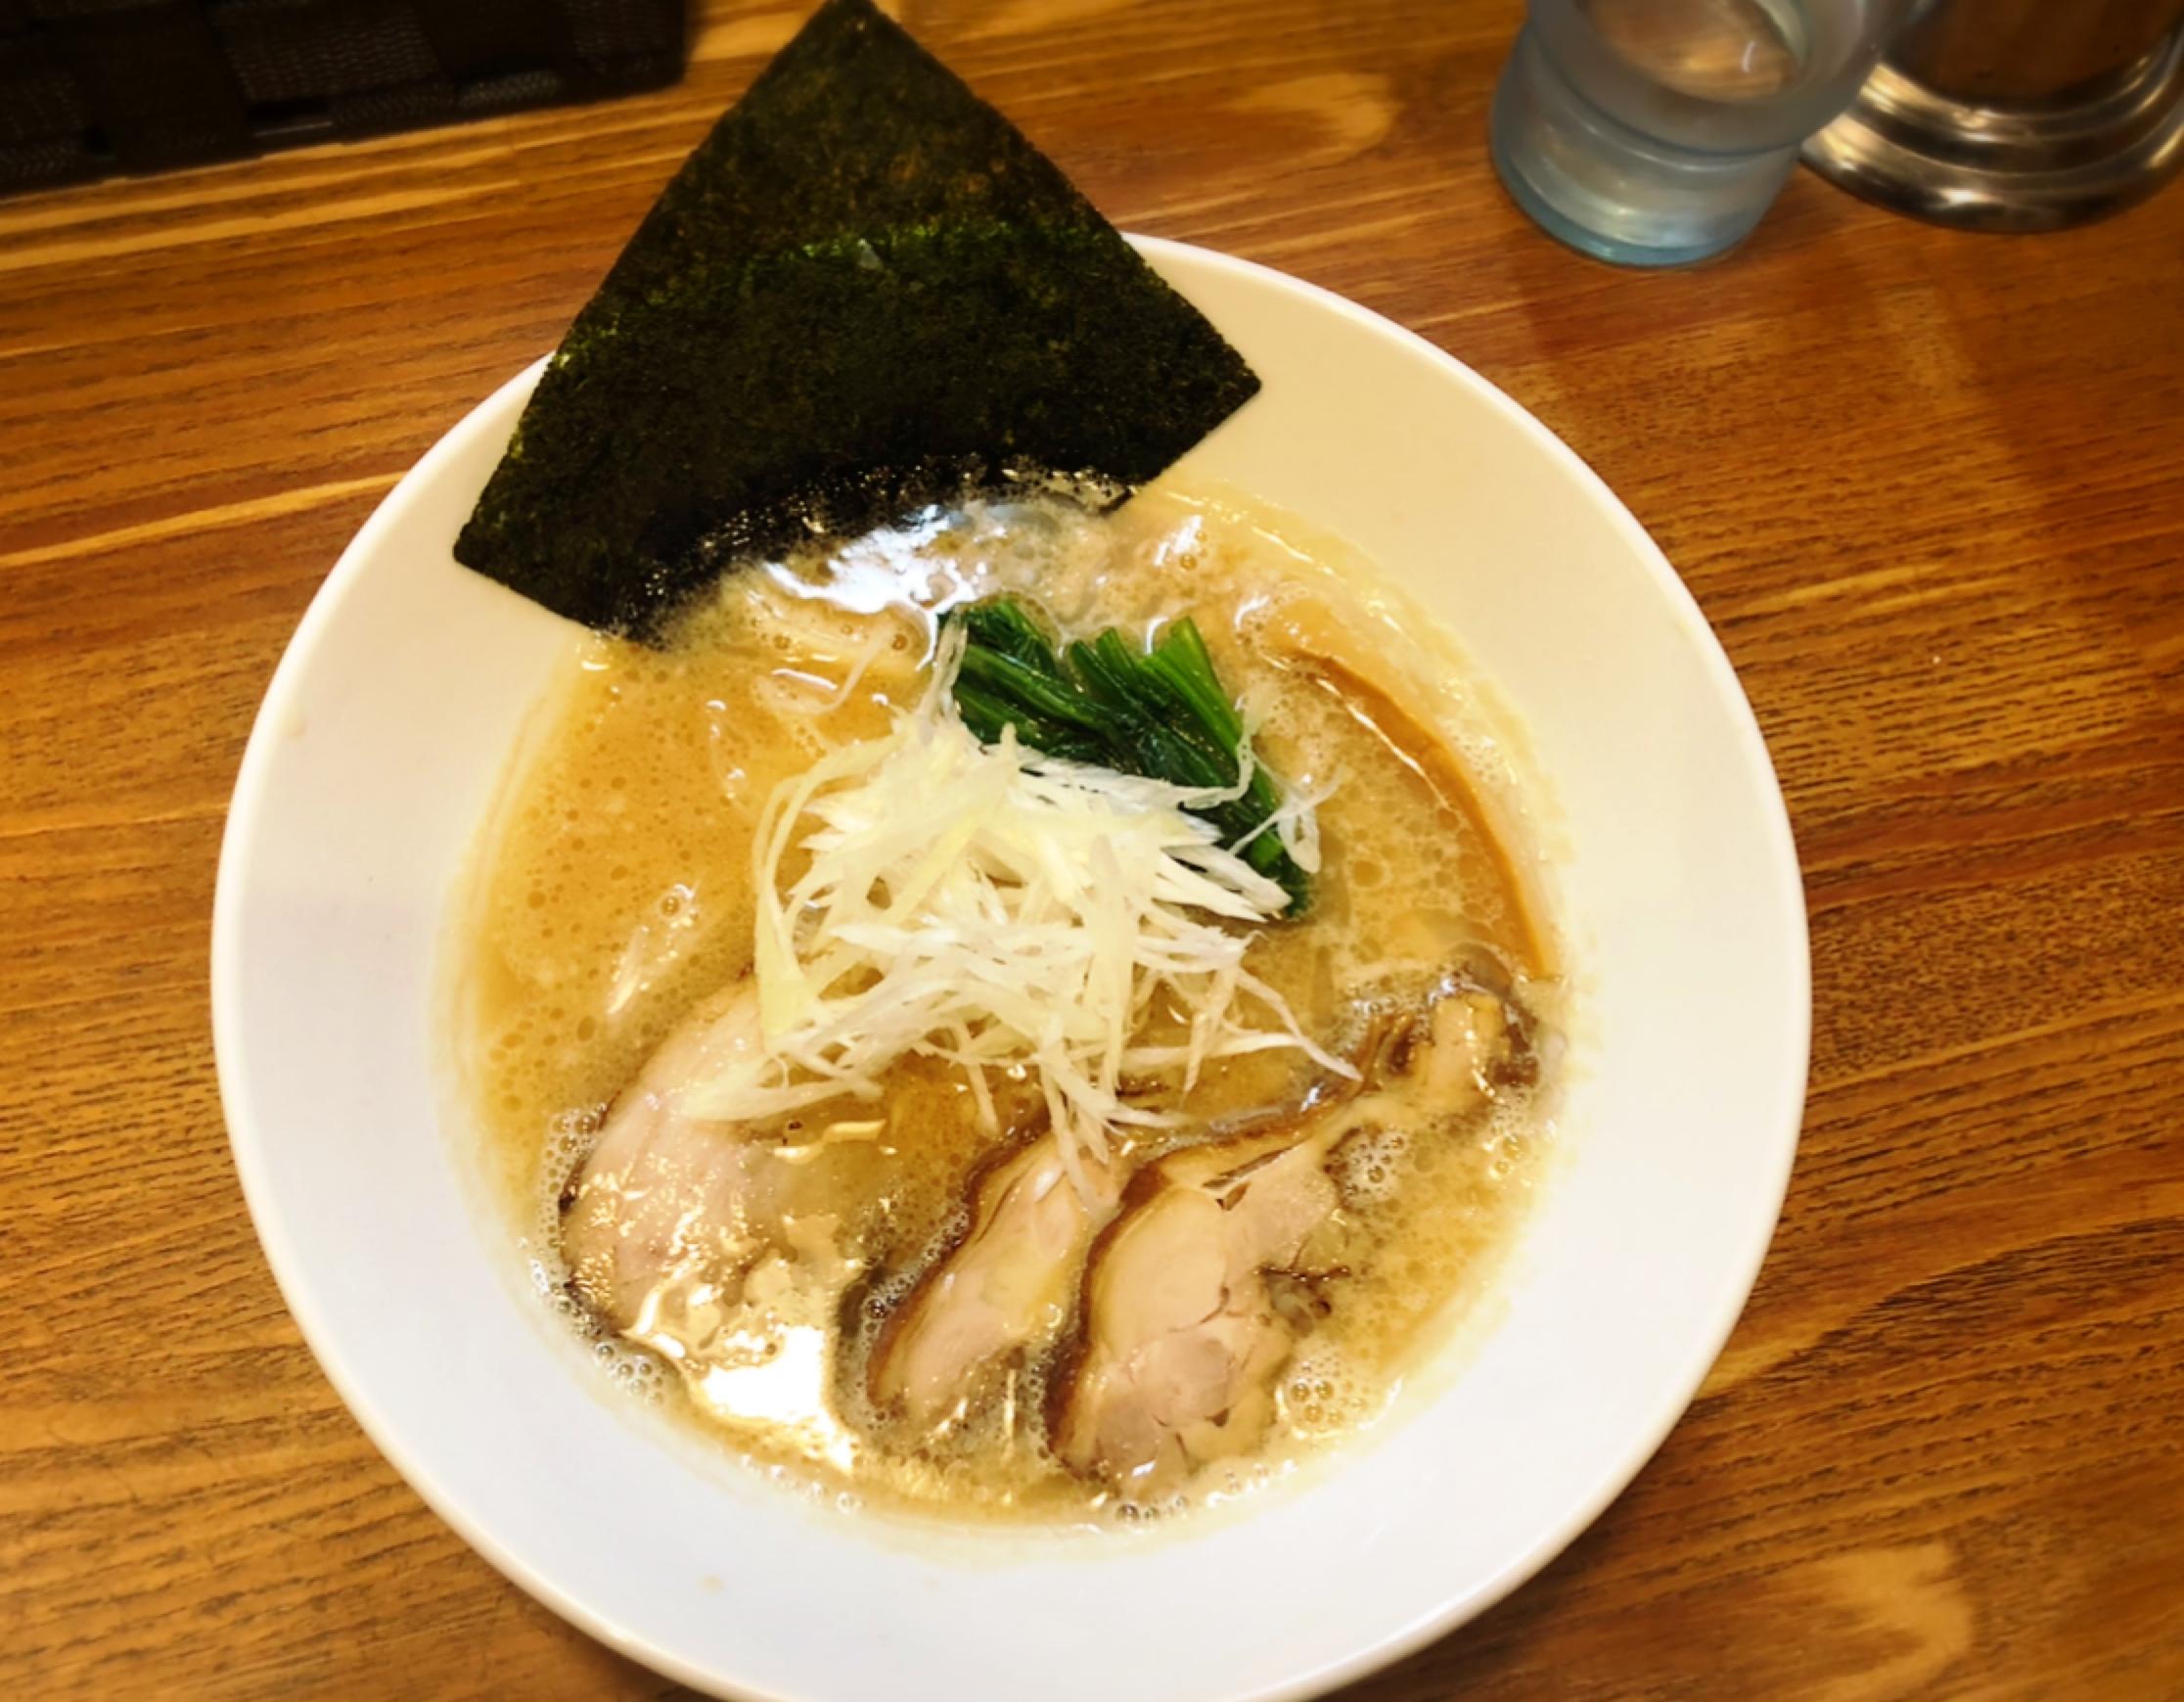 <終了>12月11日は麺の日。麺彩房中野本店、上海麺館でおいしくお得なランチをどうぞ